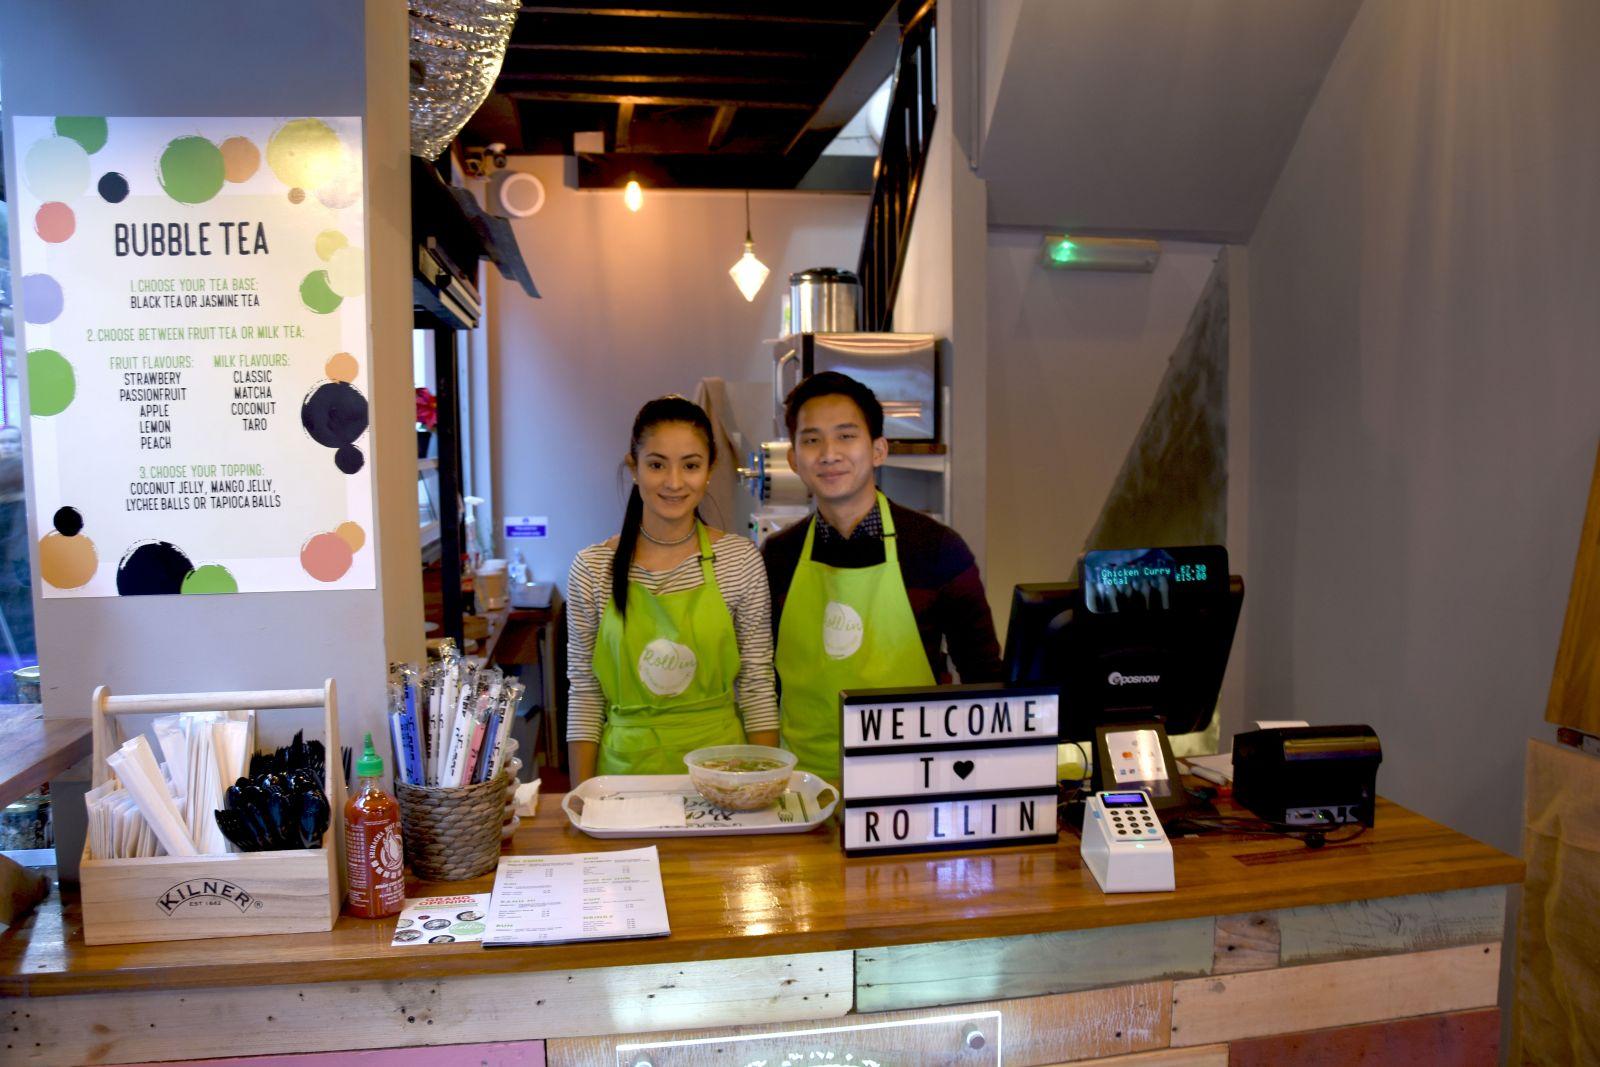 Rollin Vietnamese in Bristol